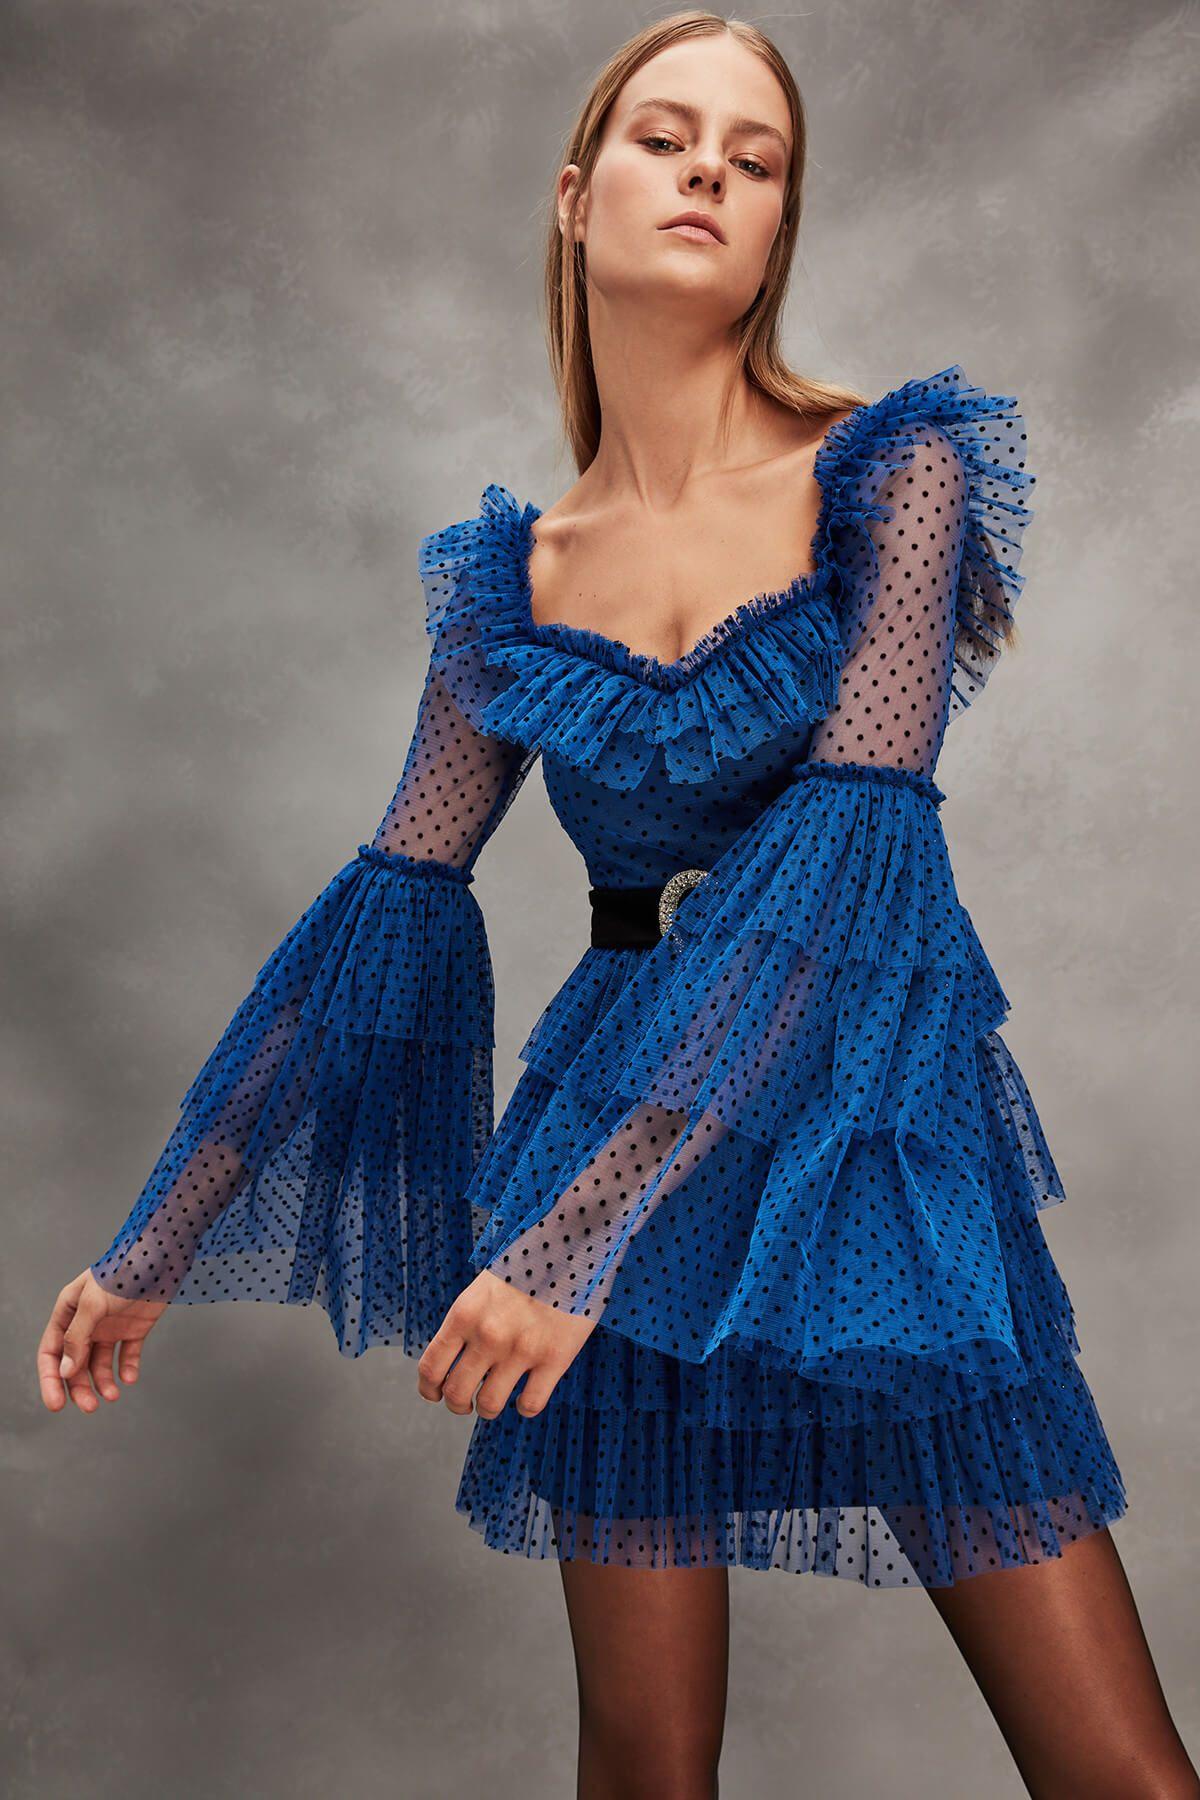 Rachel Mavi Kemer Detayli Abiye Elbise Tdpaw19fz0166 Raisa Vanessa For Trendyol Trendyol Fashion Evening Dresses Lace Dress Styles